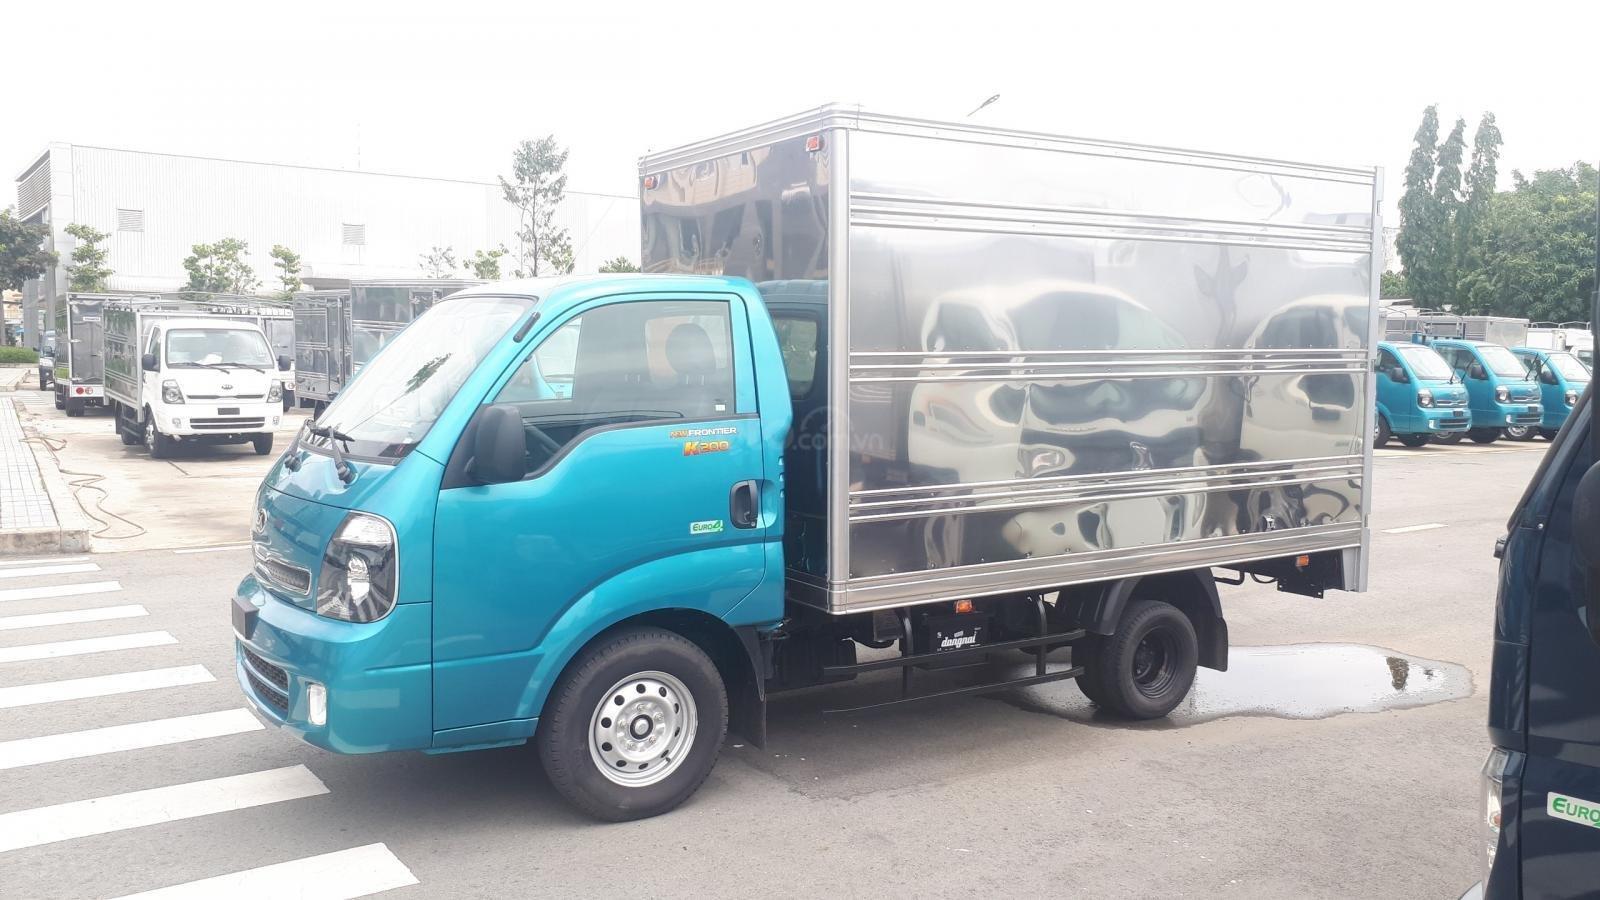 Giá xe tải 1.4 tấn - 2.4 tấn - trả góp - LH em 0938380032 (1)